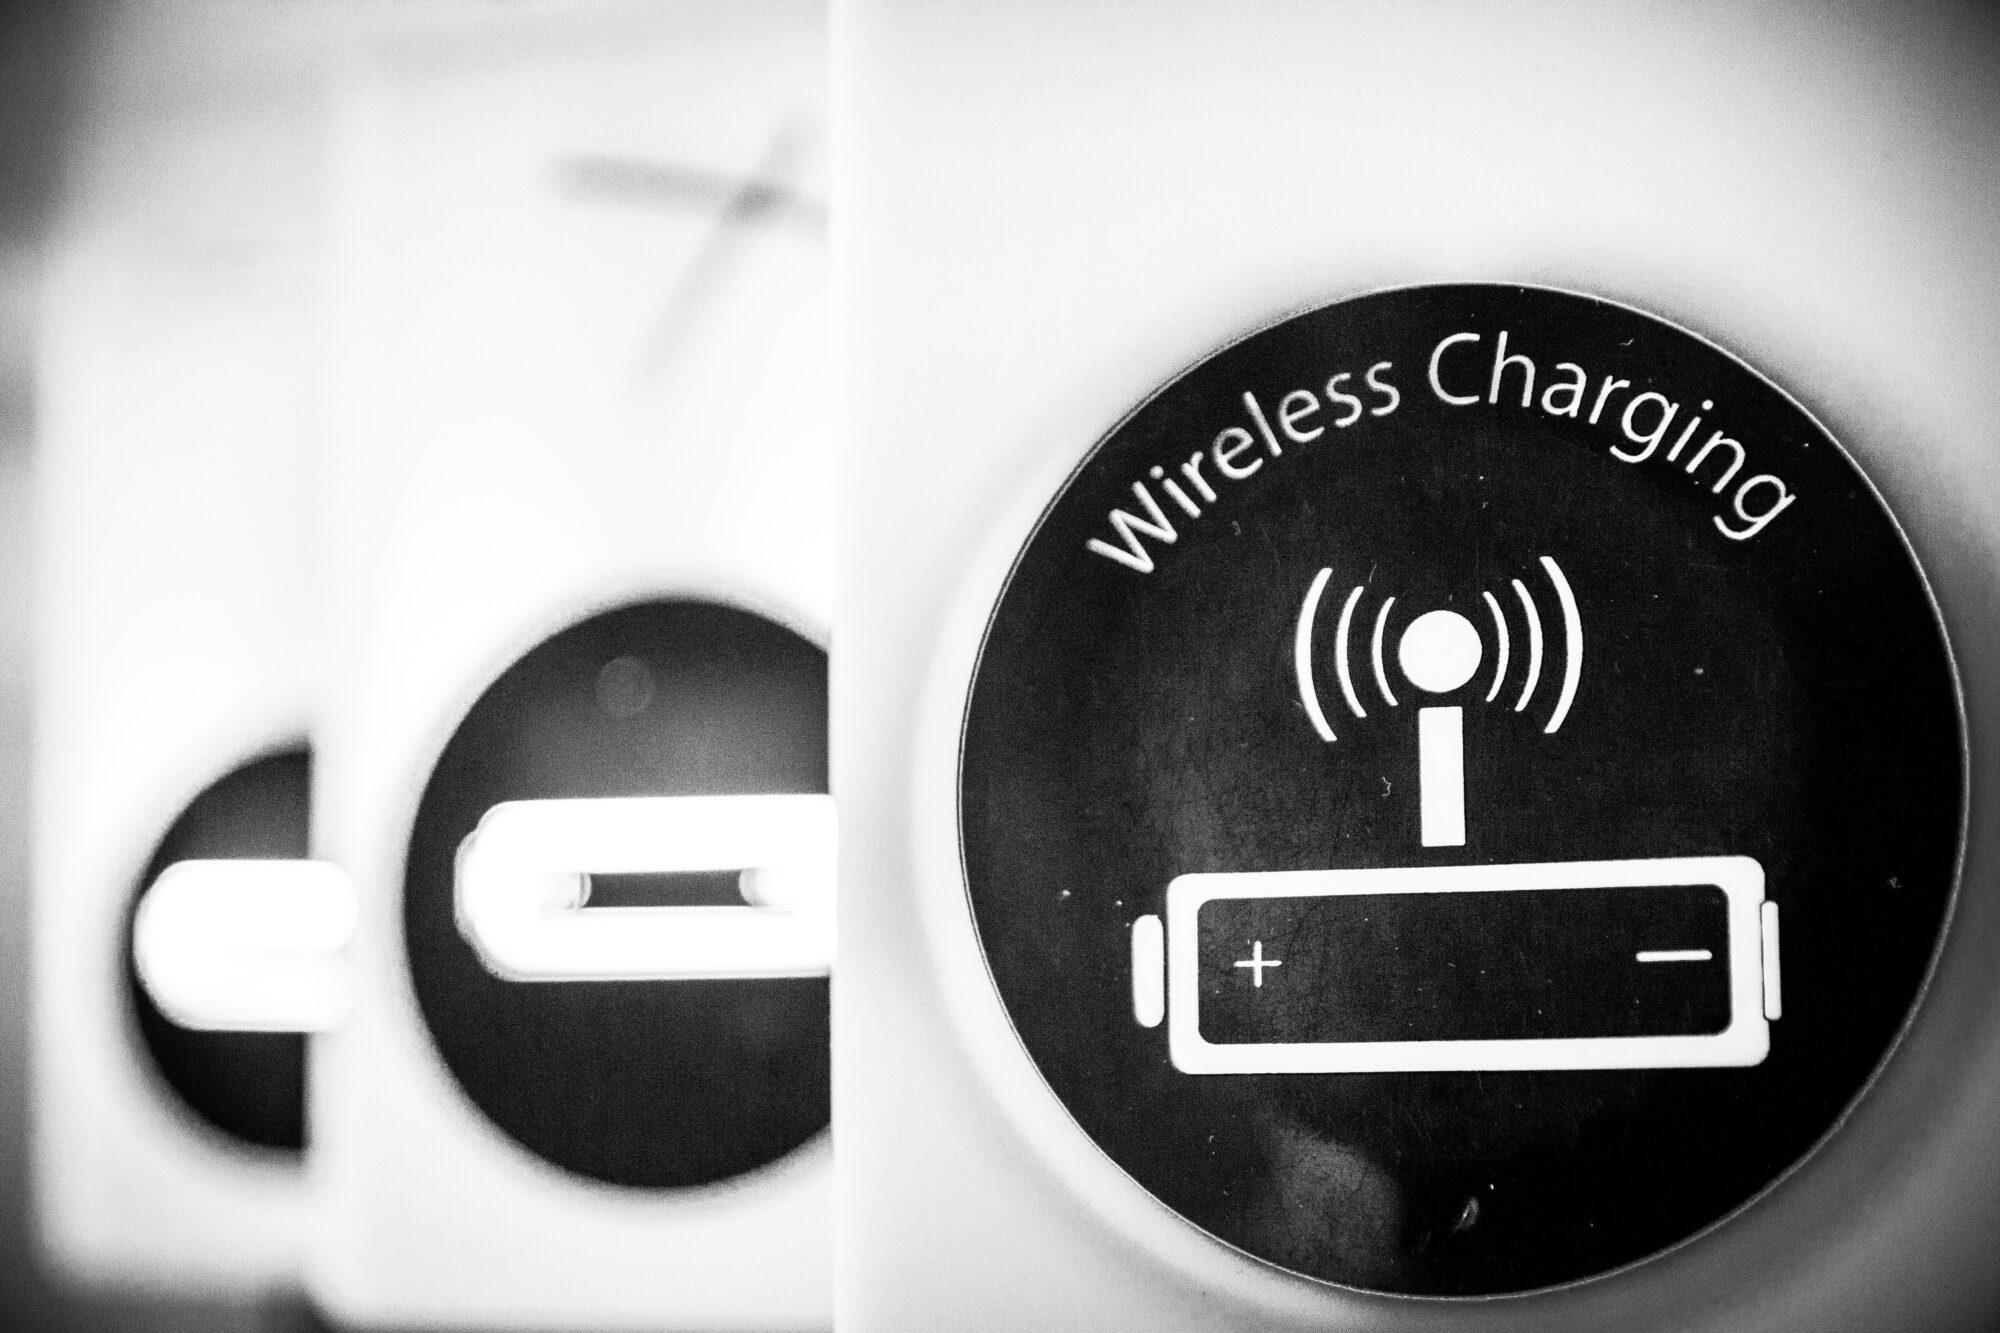 Køb genopladelige batterier og lad dem op med en batteri oplader